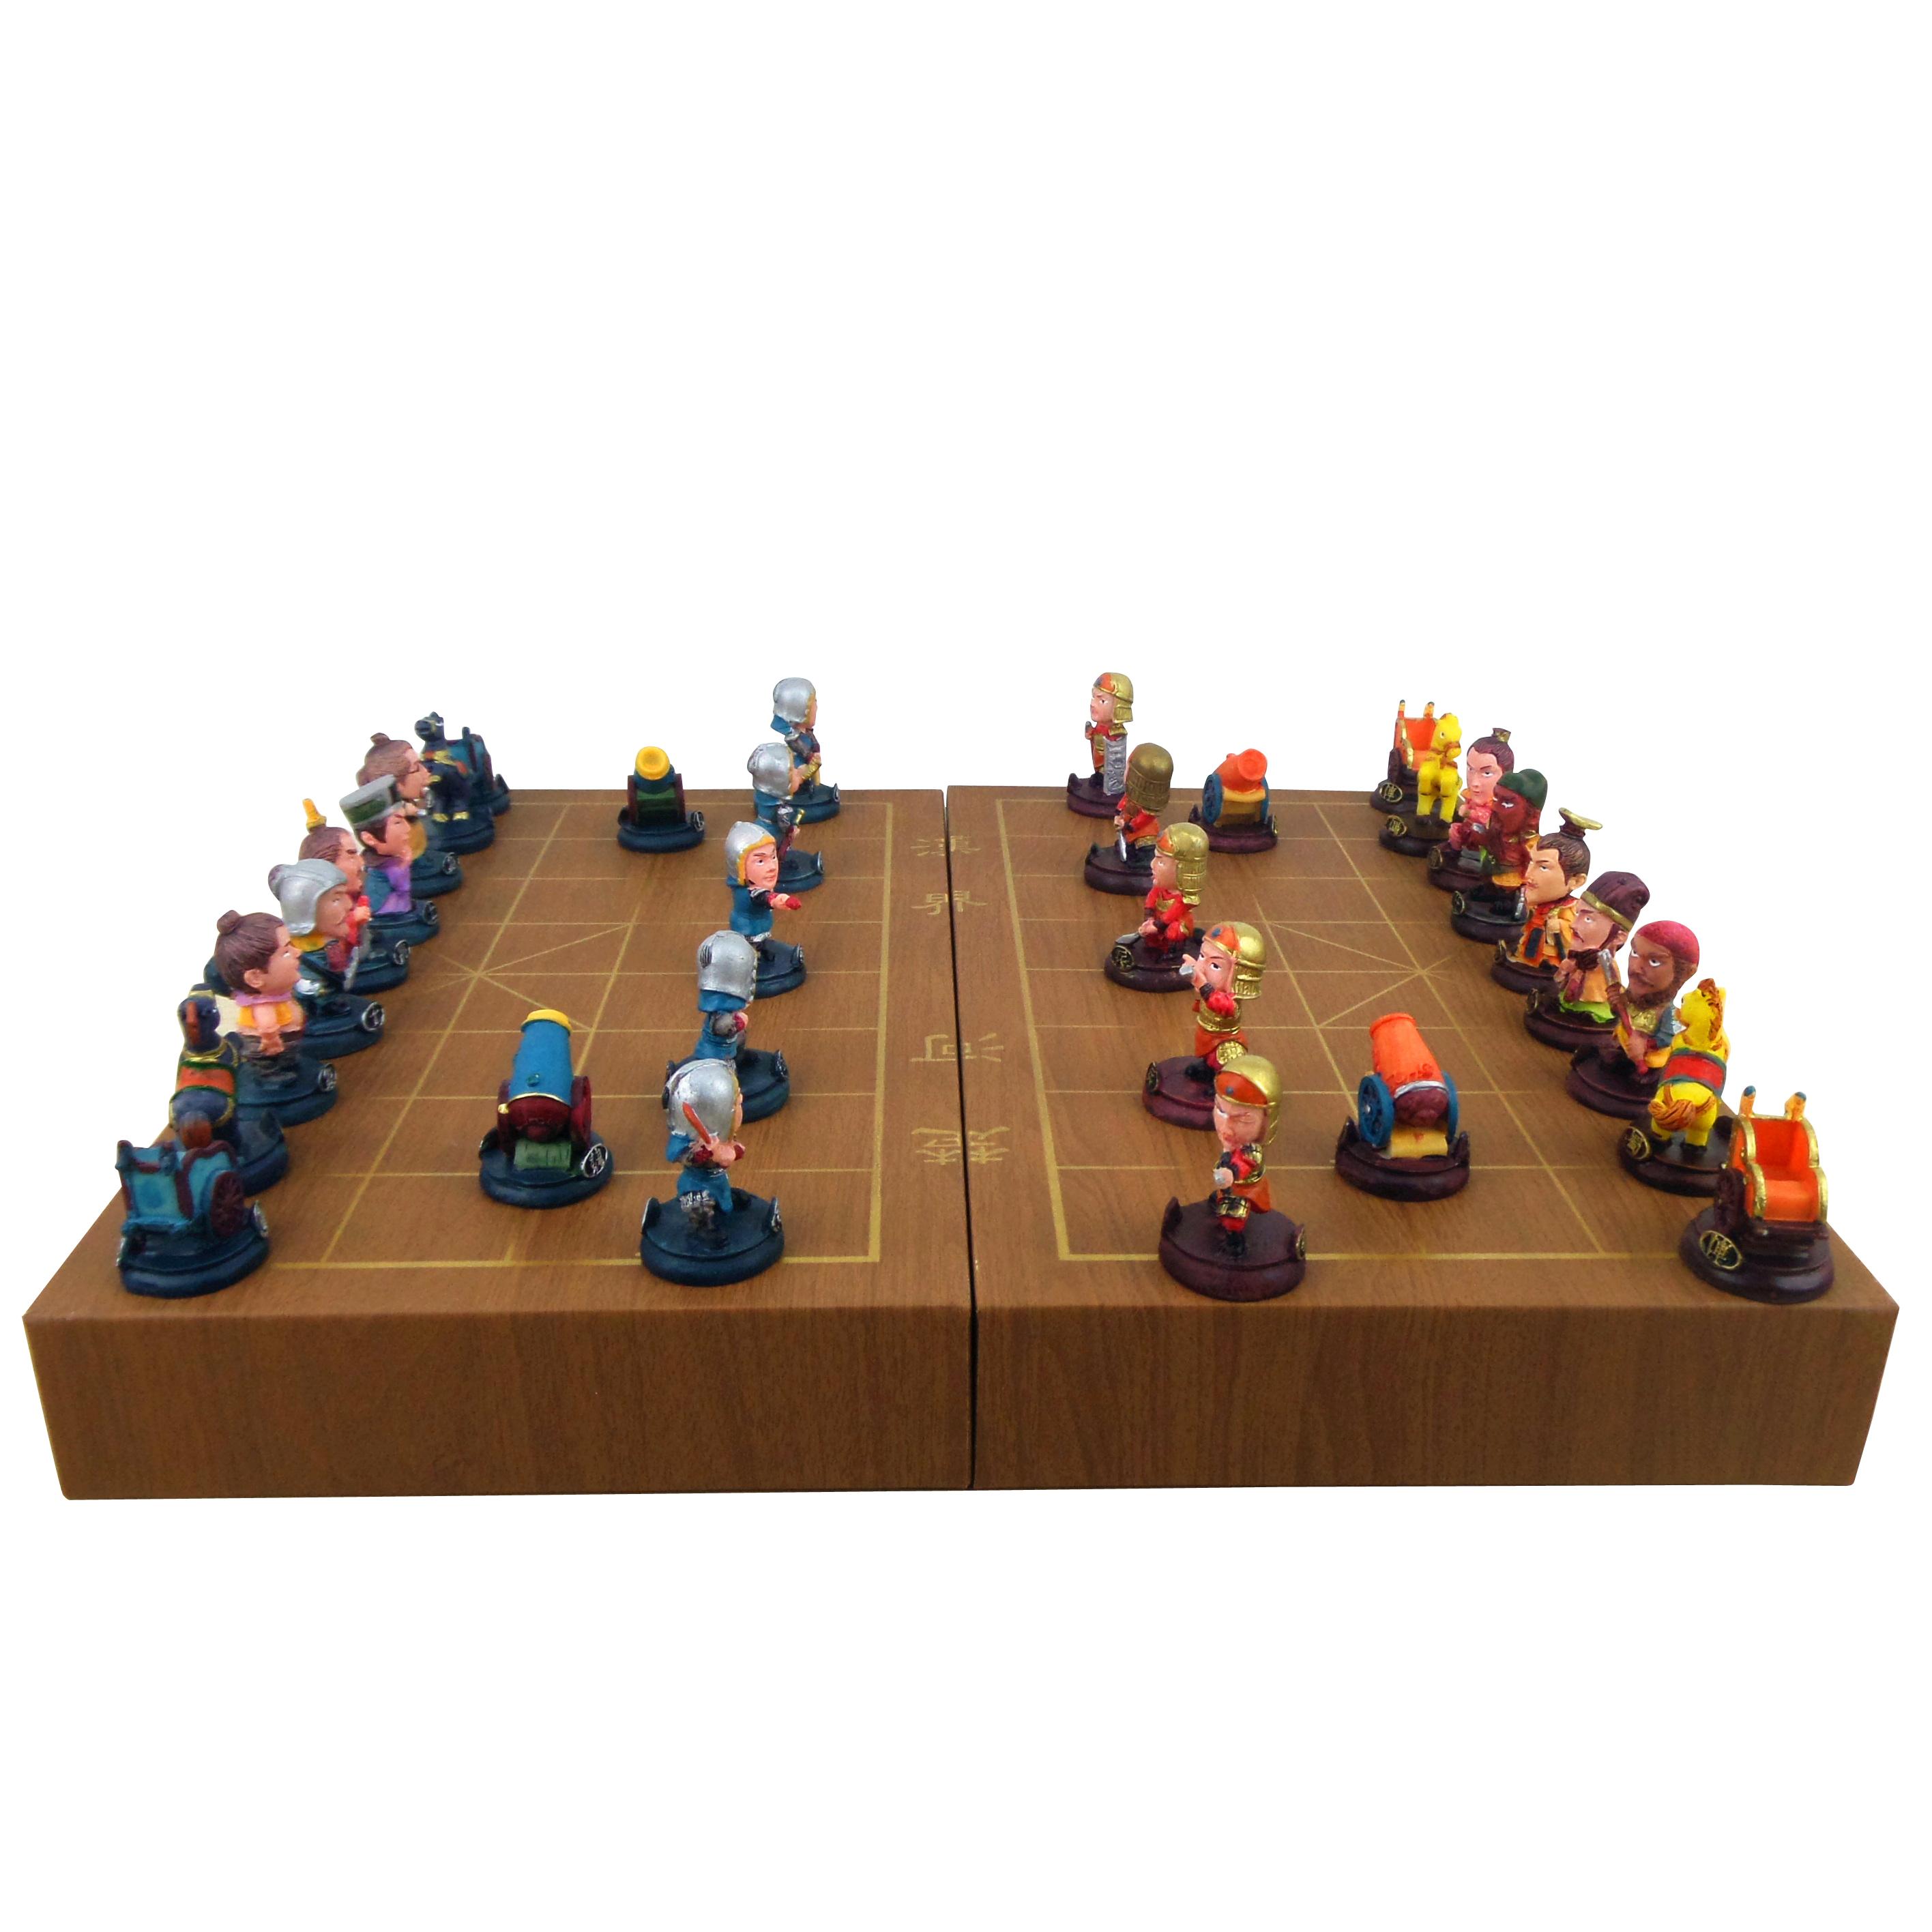 三国人物立体象棋趣味中国象棋送小朋友益智动手玩具创意生日礼物